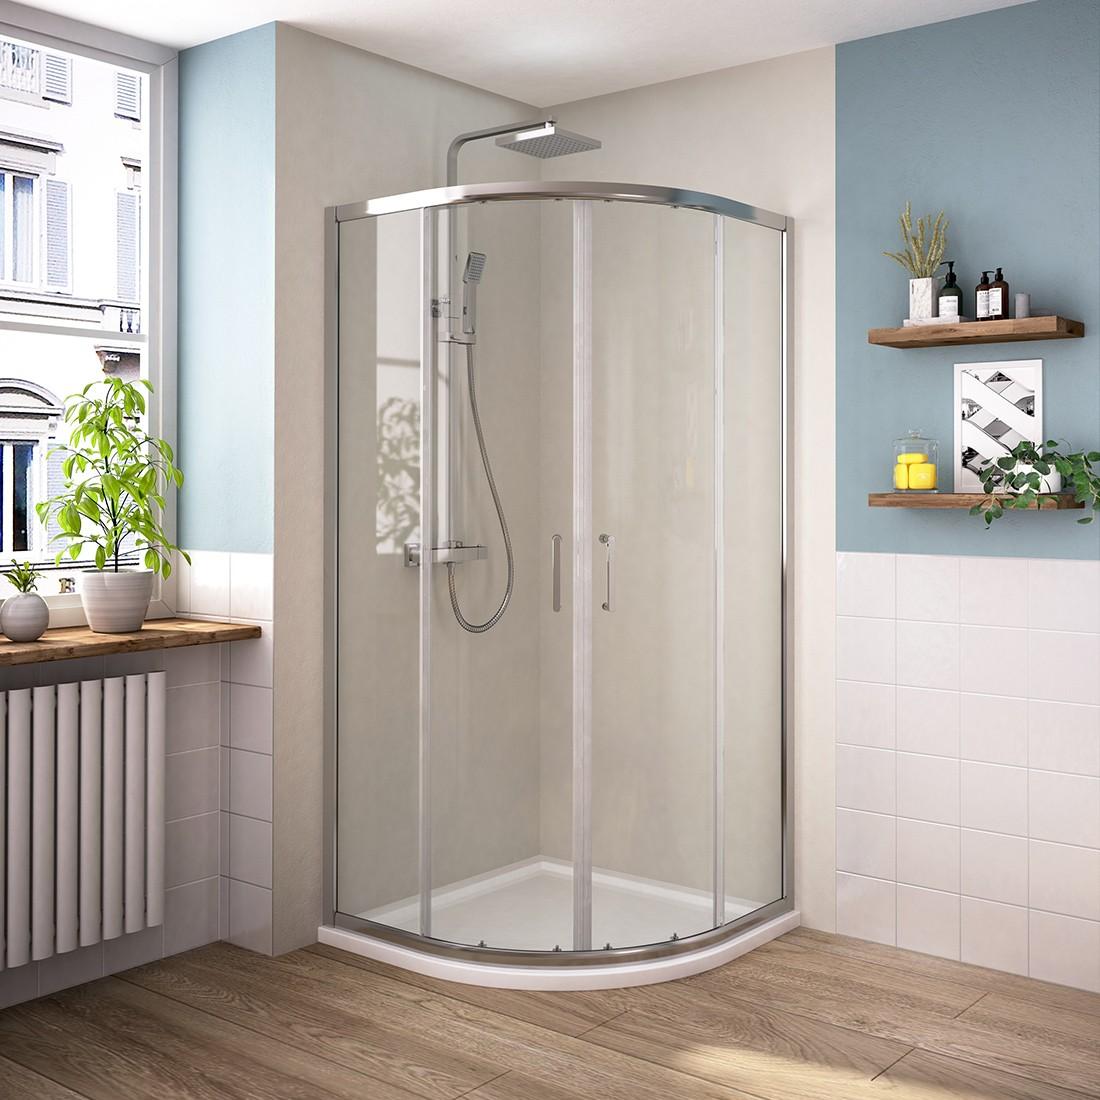 Full Size of Dusche Eckeinstieg 195cm Duschkabine Duschabtrennung 6mm Nano Glas Grohe Begehbare Fliesen Moderne Duschen Bodengleich Nischentür Kaufen Bluetooth Dusche Dusche Eckeinstieg